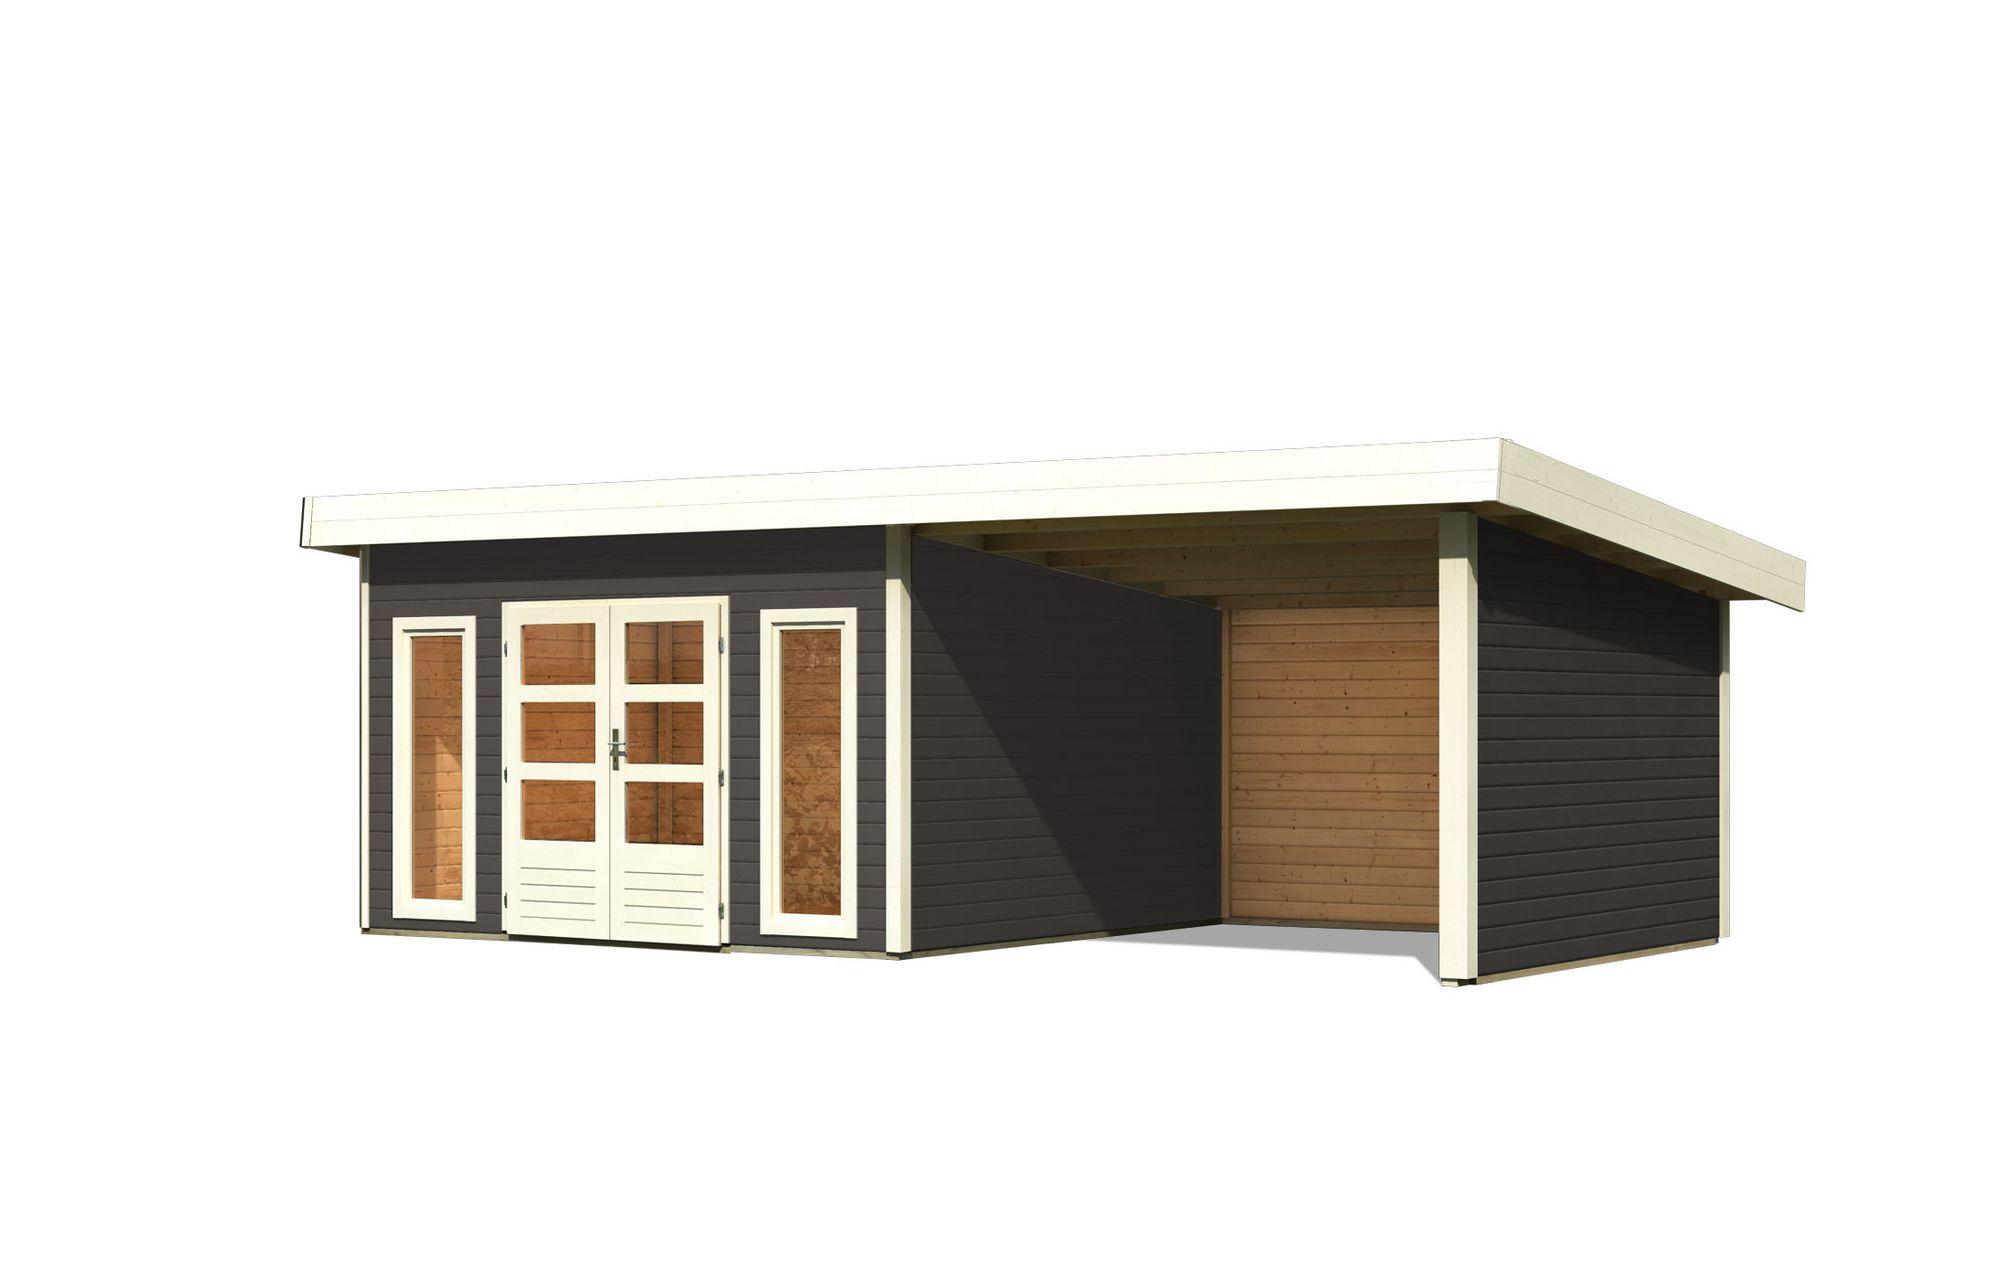 Gartenhaus Salzach 5 Farbe: terragrau mit Schleppdach 3 m Breite ...